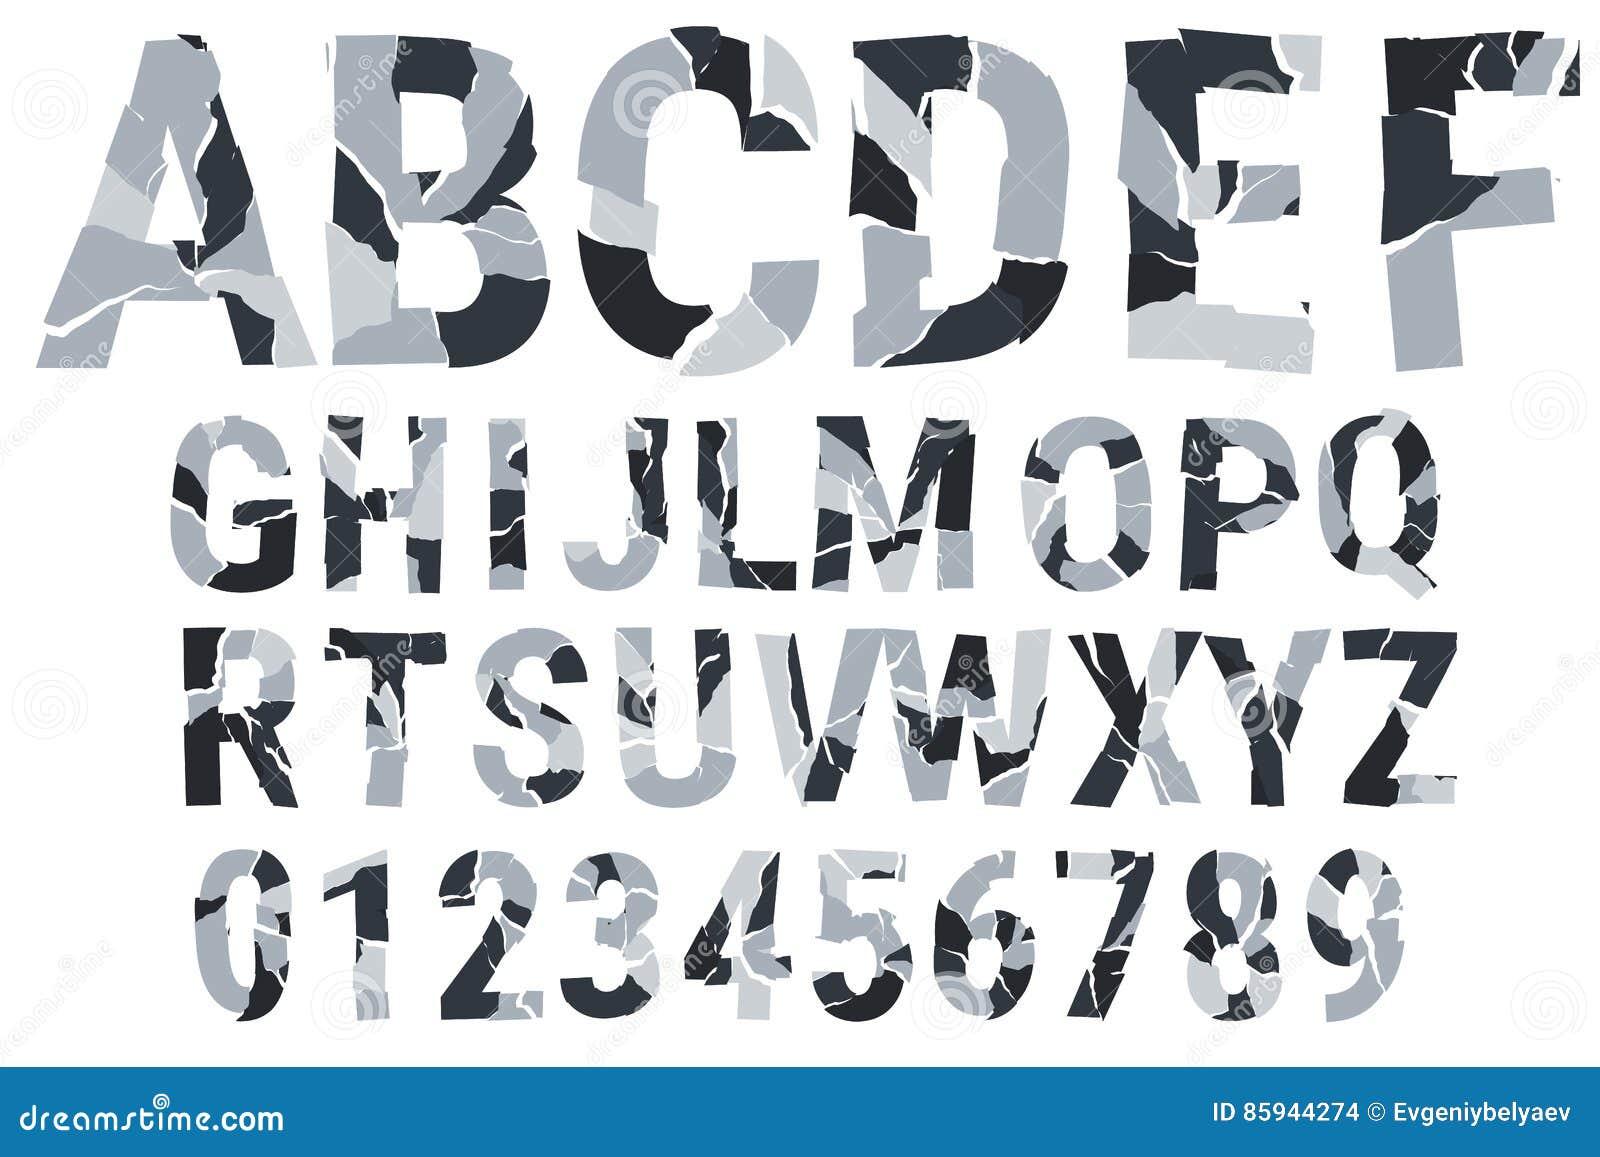 Urban Camouflage. Decorative Alphabet. A-Z